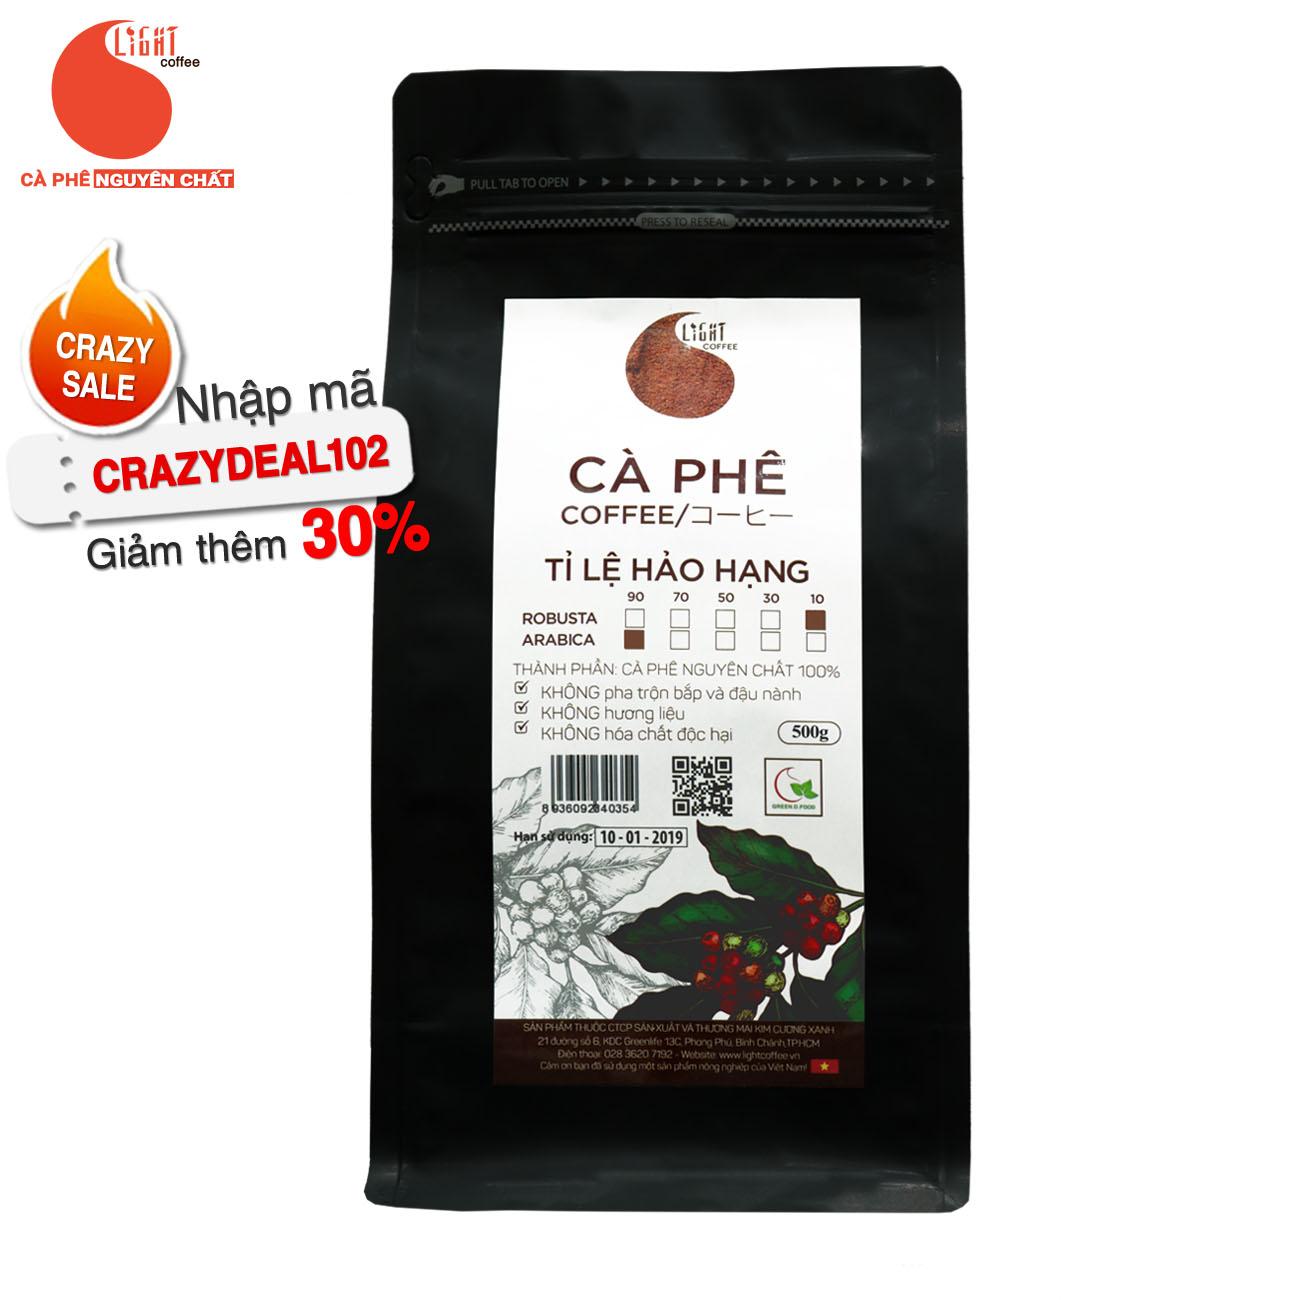 500g - Cà phê bột Tỉ lệ Hảo Hạng - 10% Robusta + 90% Arabica - Light coffee